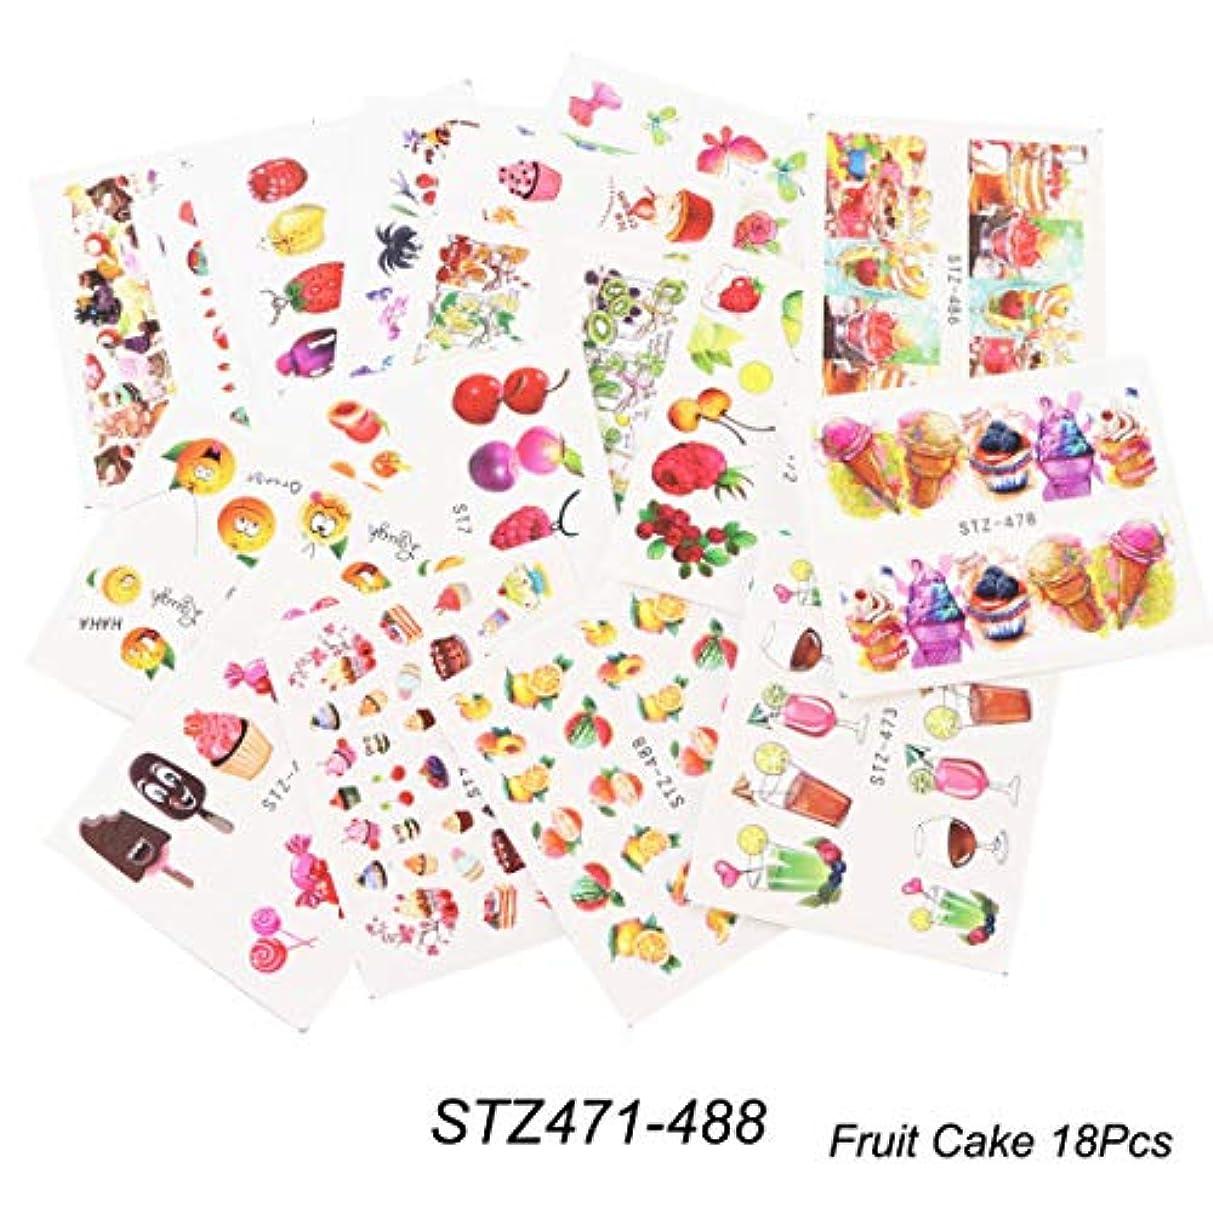 呼び出す抜本的な最終(STZ471-488) 18枚セット漫画の果物 ネイルシール ウォーターネイルシール 爪に貼るだけ ネイルデコレーション